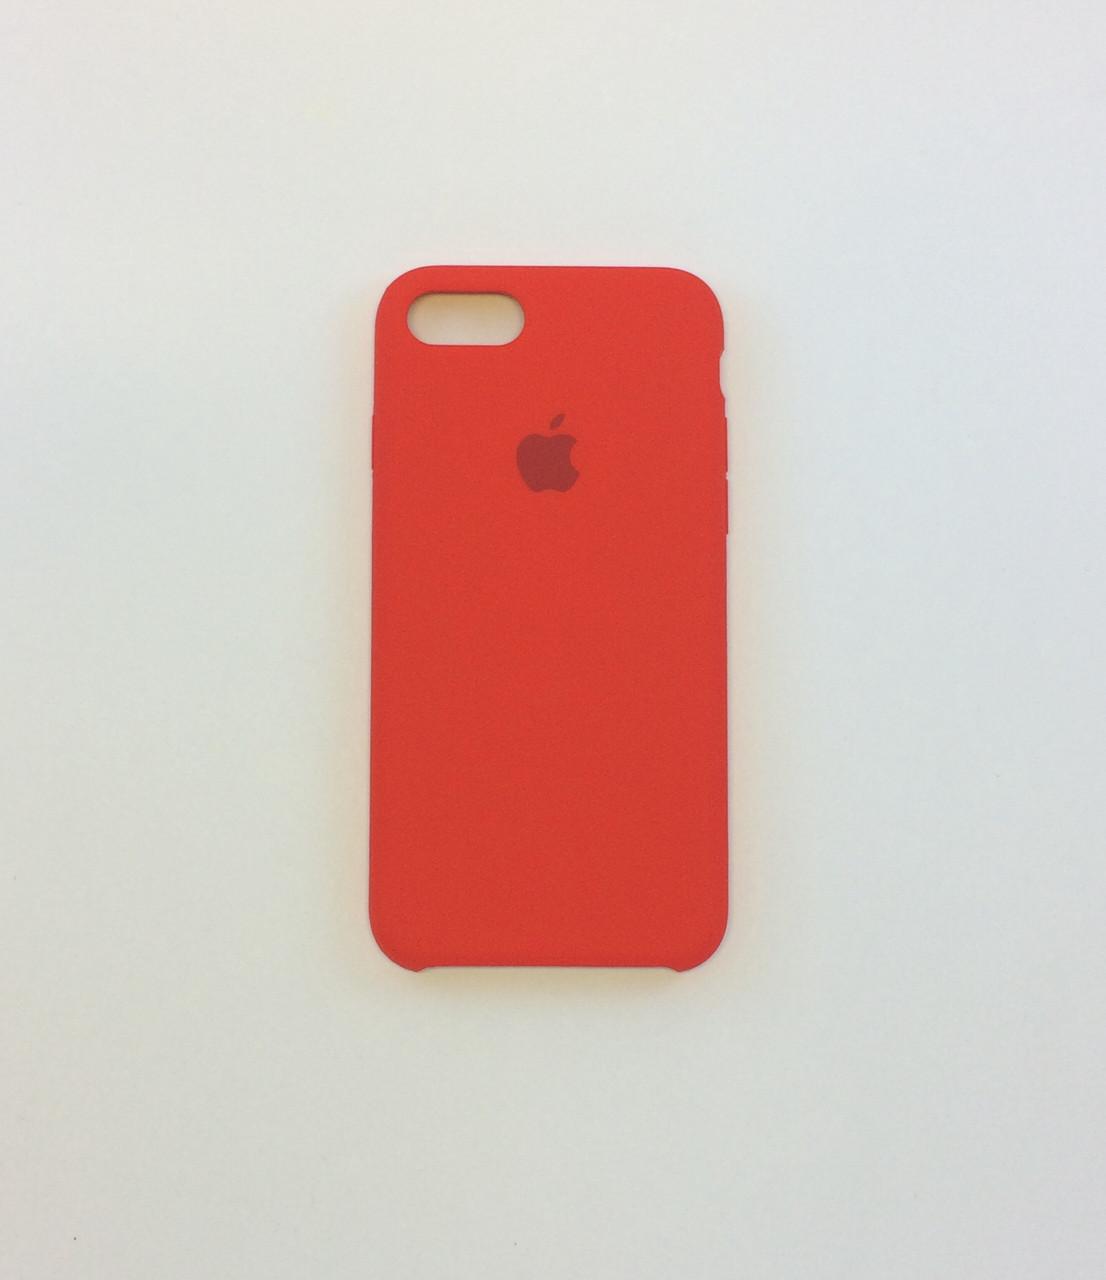 Силиконовый чехол для iPhone 8, - «темно терракотовый» - copy original